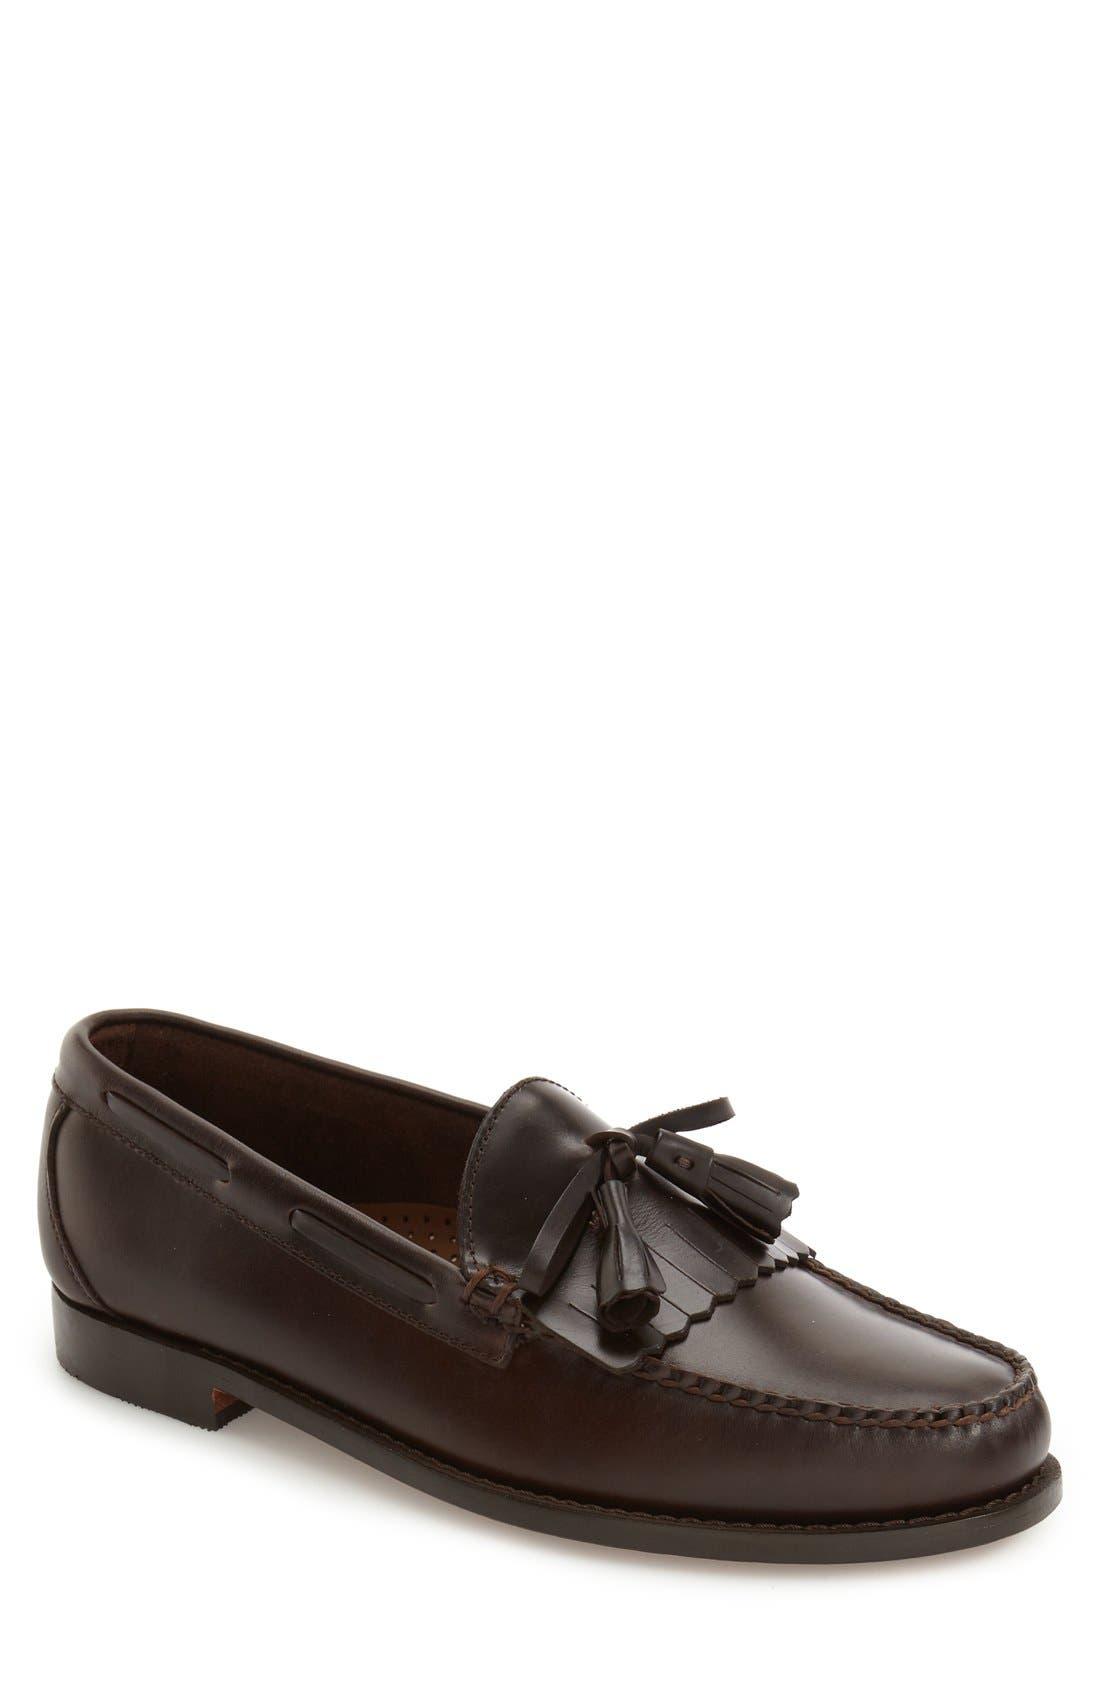 G.H. Bass & Co. 'Lawrence' Tassel Loafer (Men)